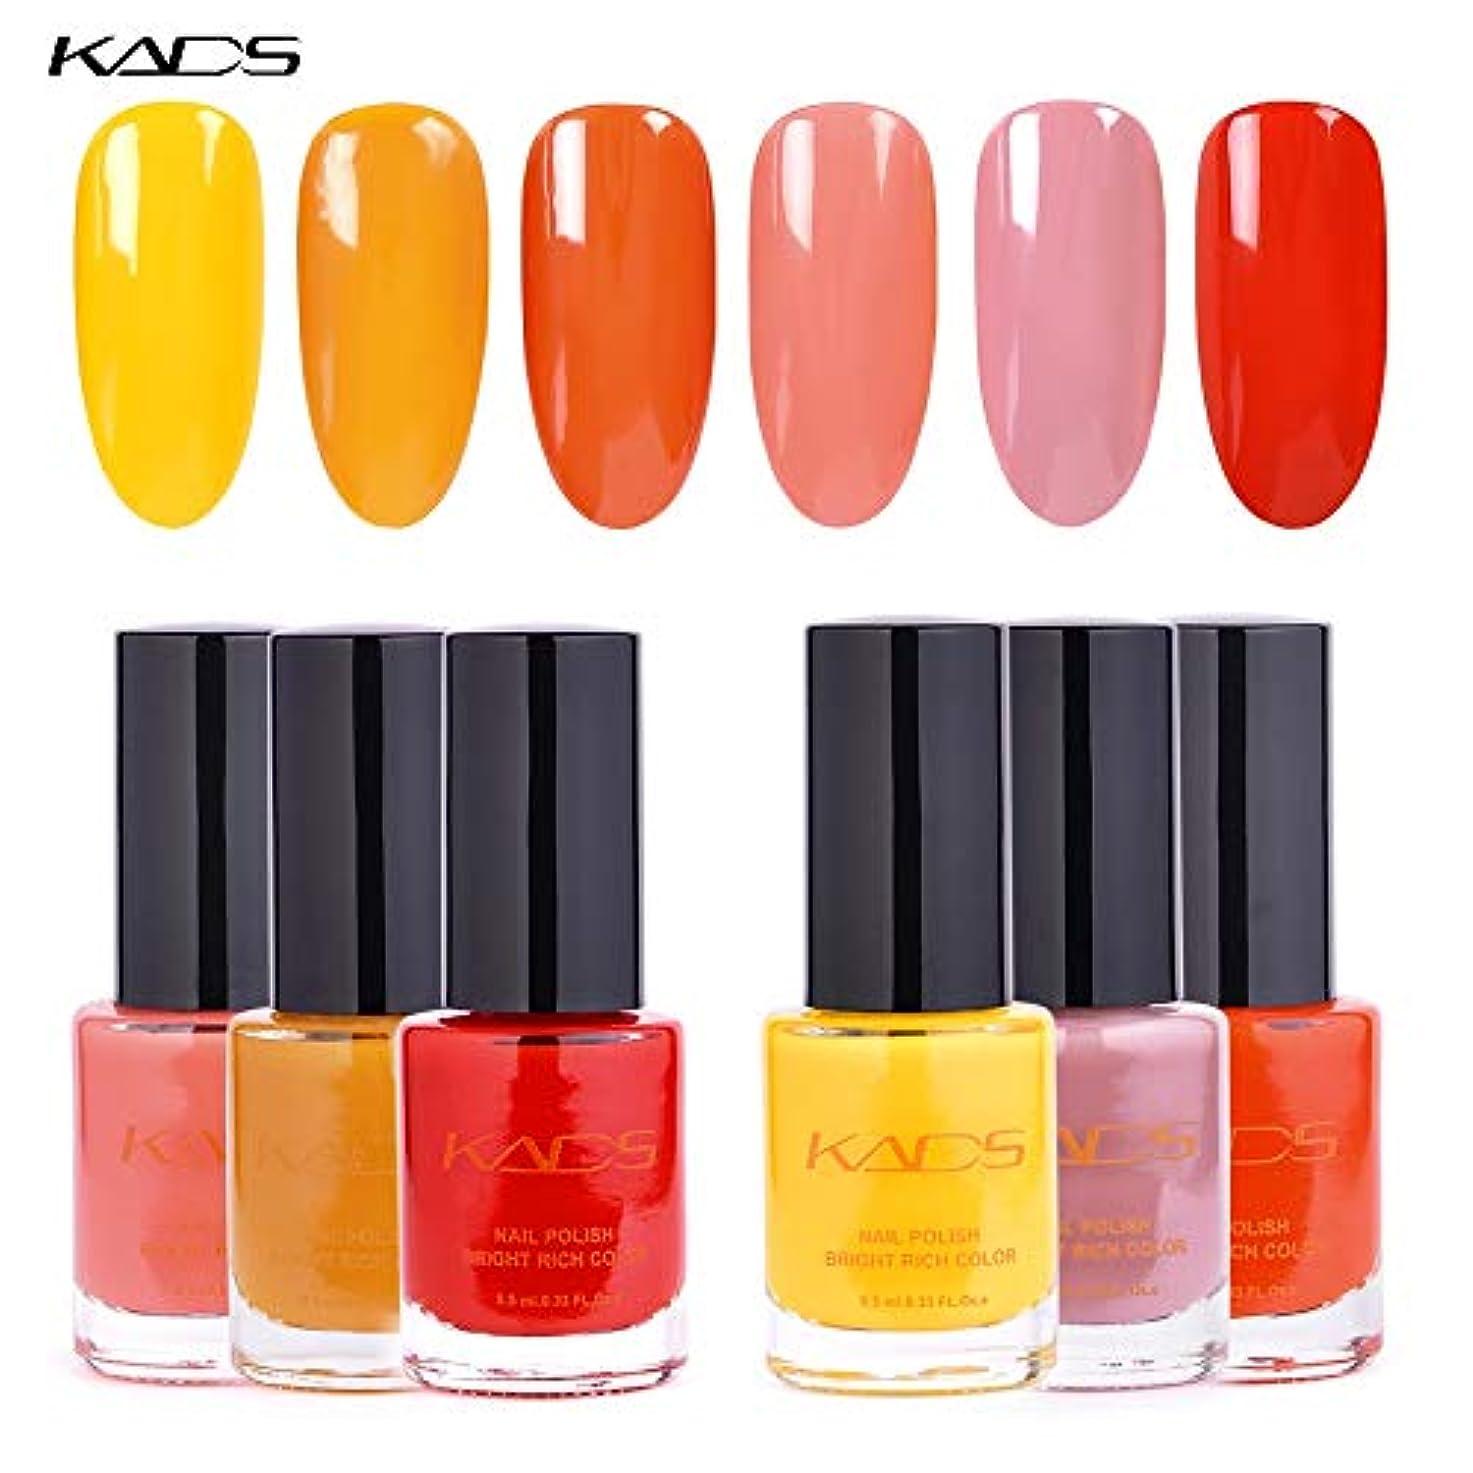 全国確認してください教義KADS ネイルポリッシュ ゼリーシリーズ ピンク/オレンジ/イエロー 6色入り 9.5ML 艶長持ち マニキュアセット